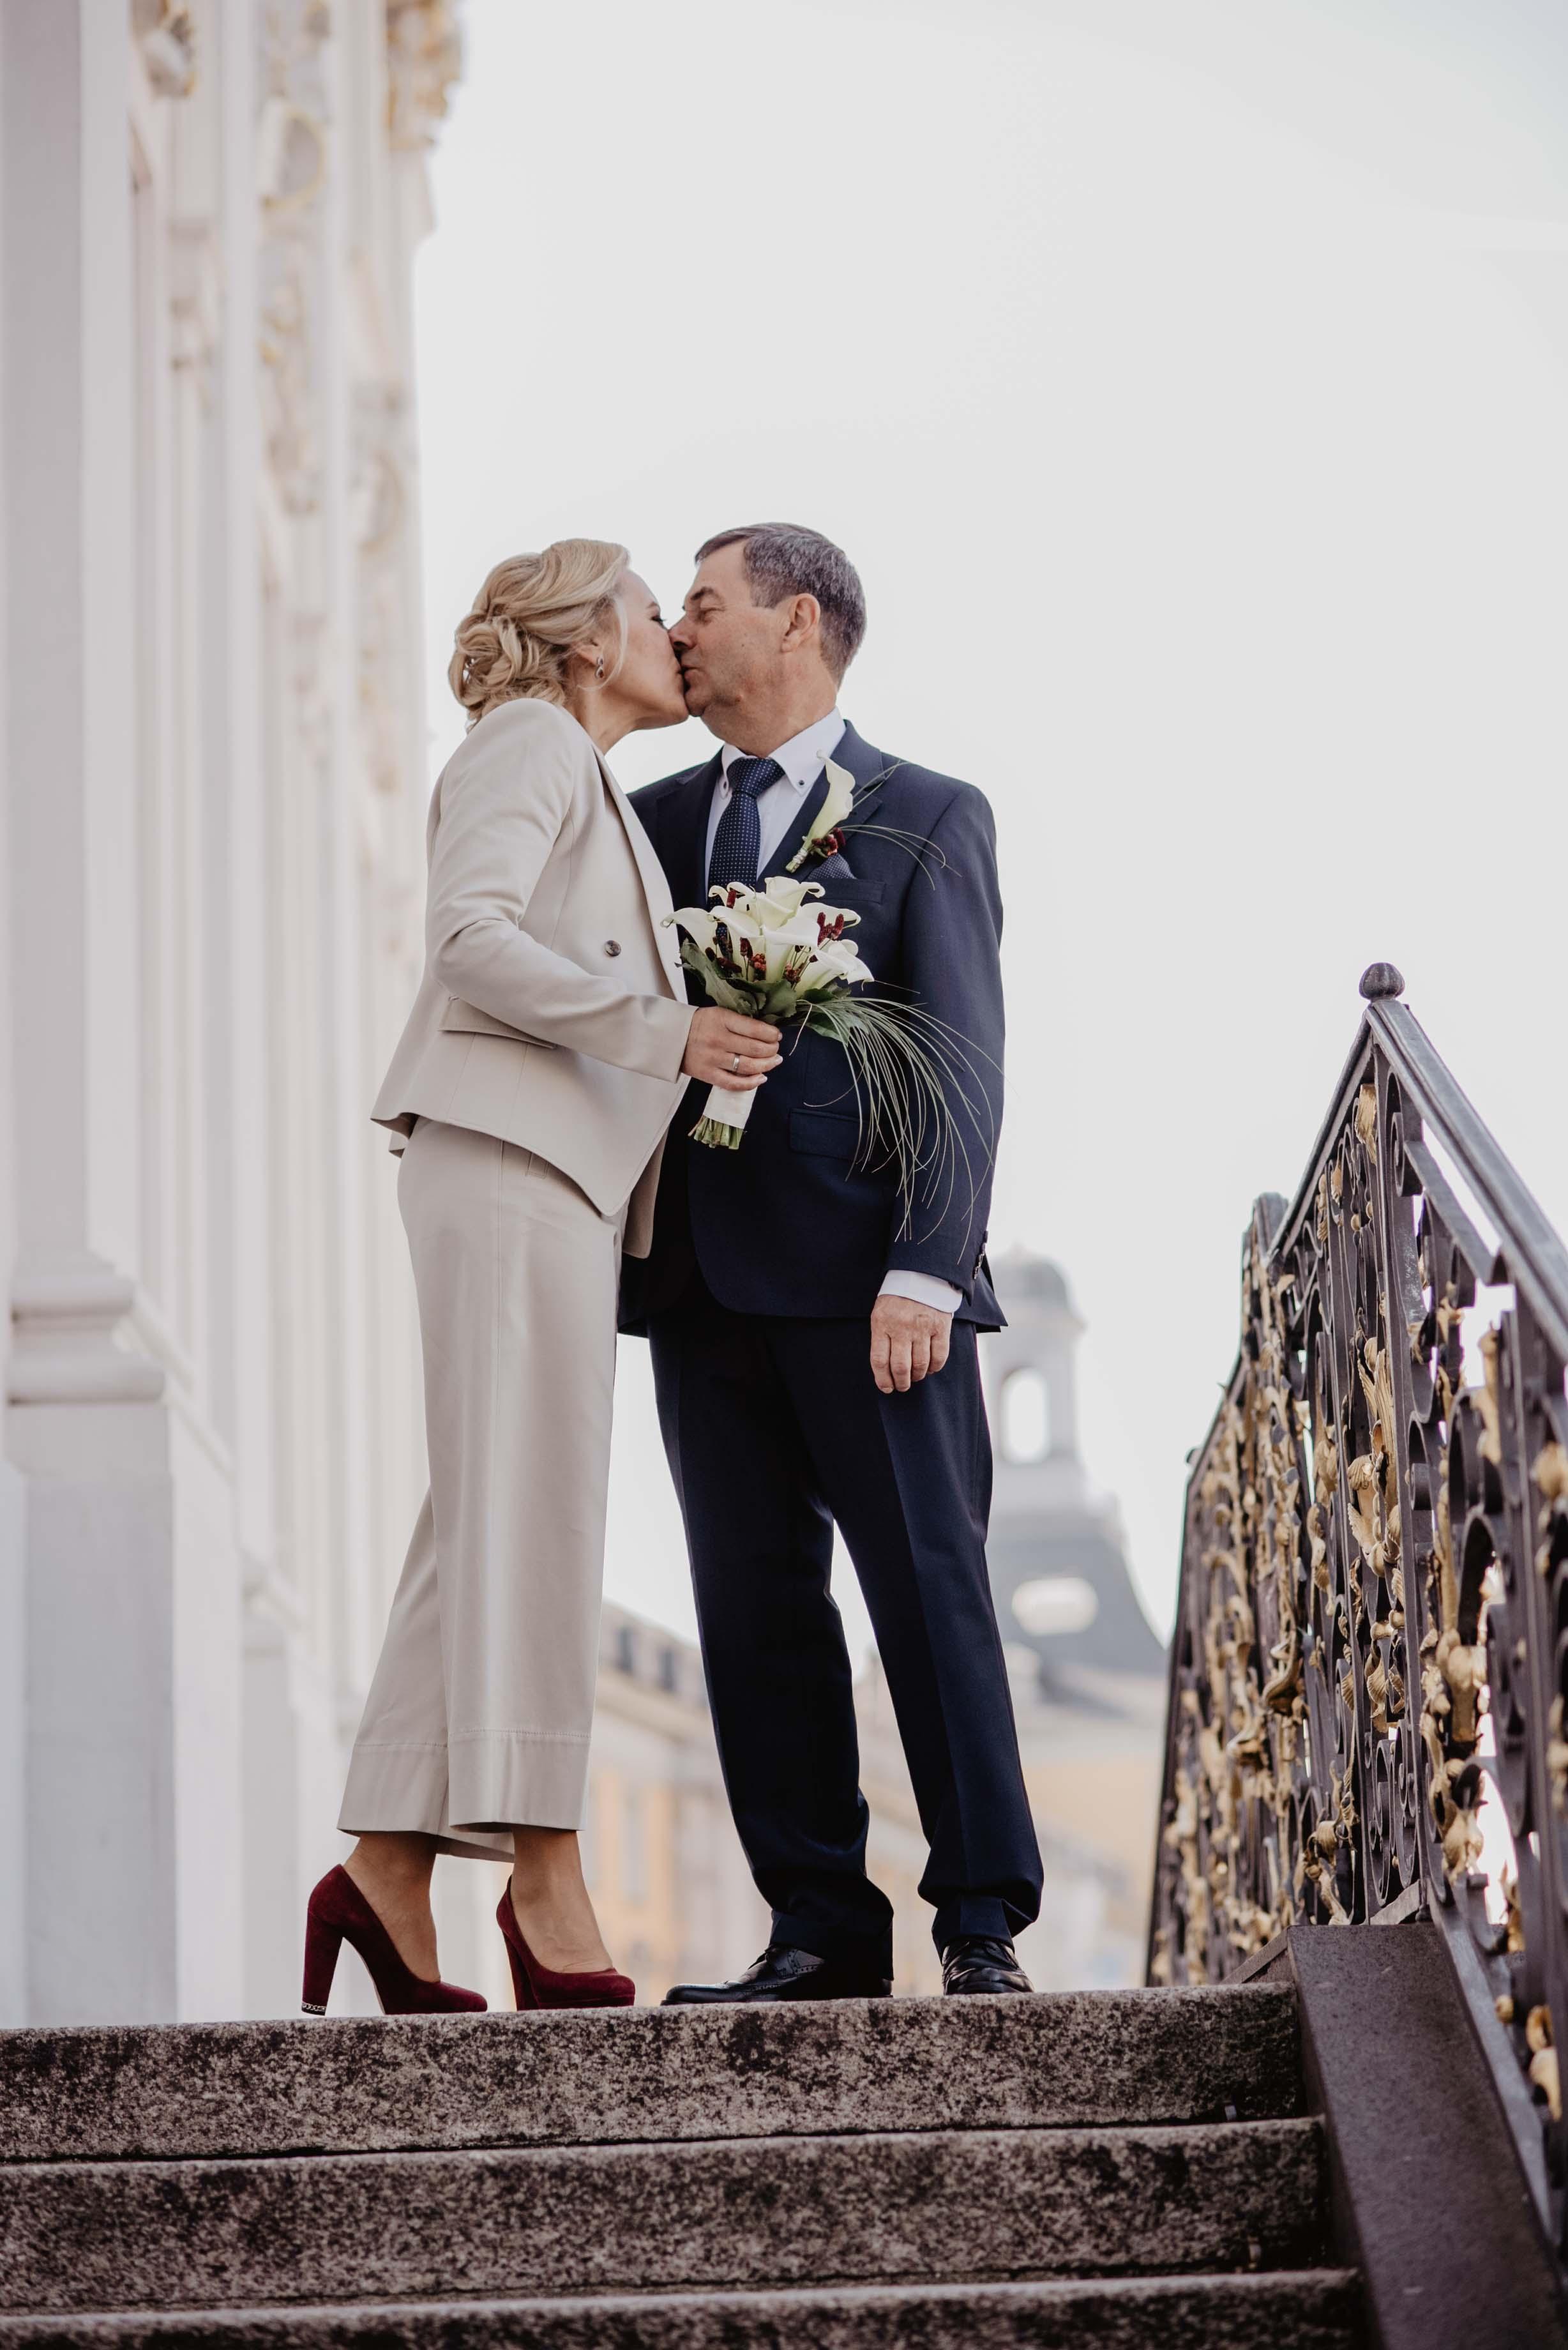 Hochzeit Standesamt Bonn by Lucy Wedding Photography-128.jpg